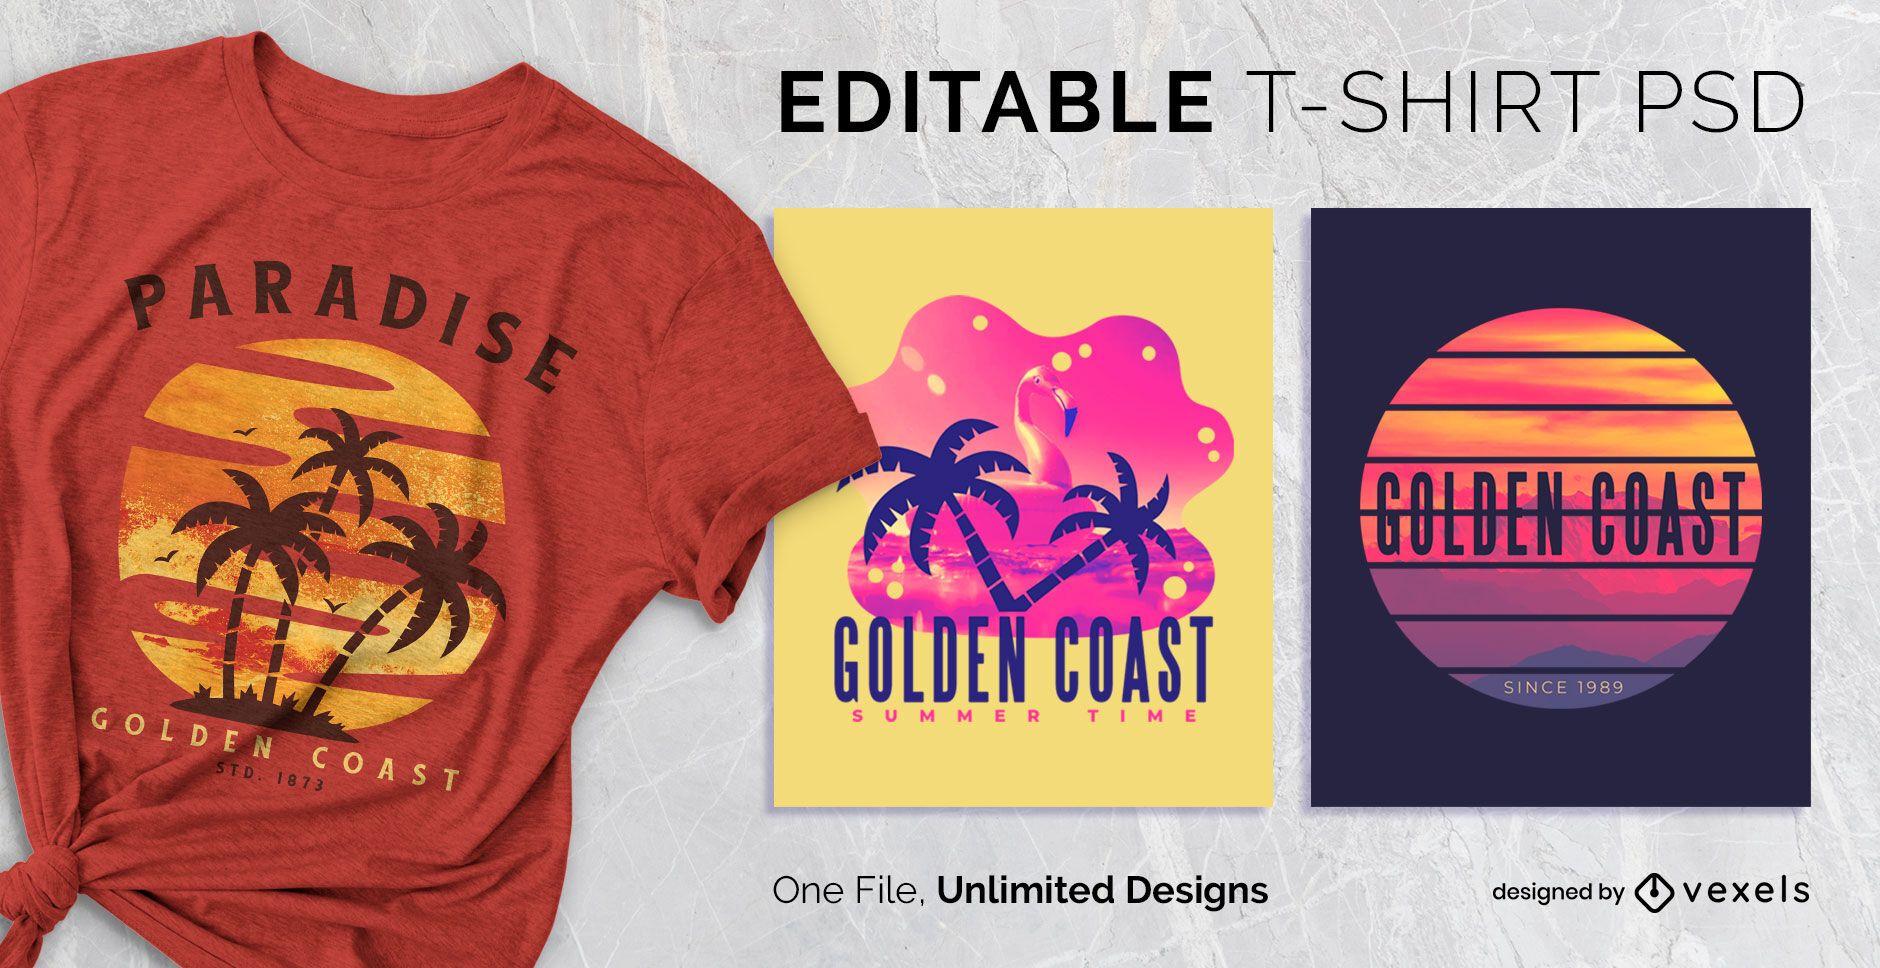 Sunset scalable t-shirt psd